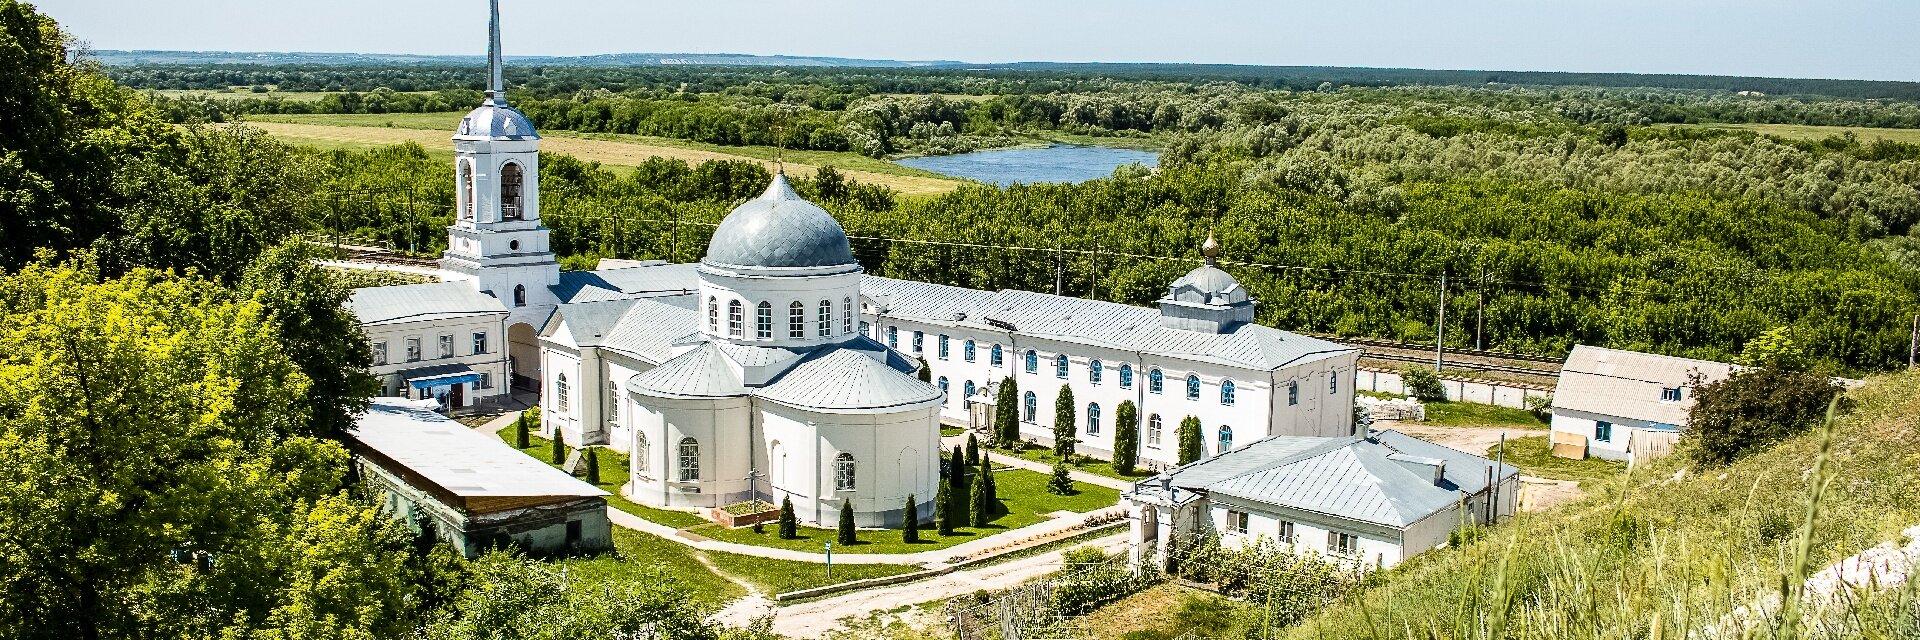 Поиск отелей и гостиниц в Воронежской области